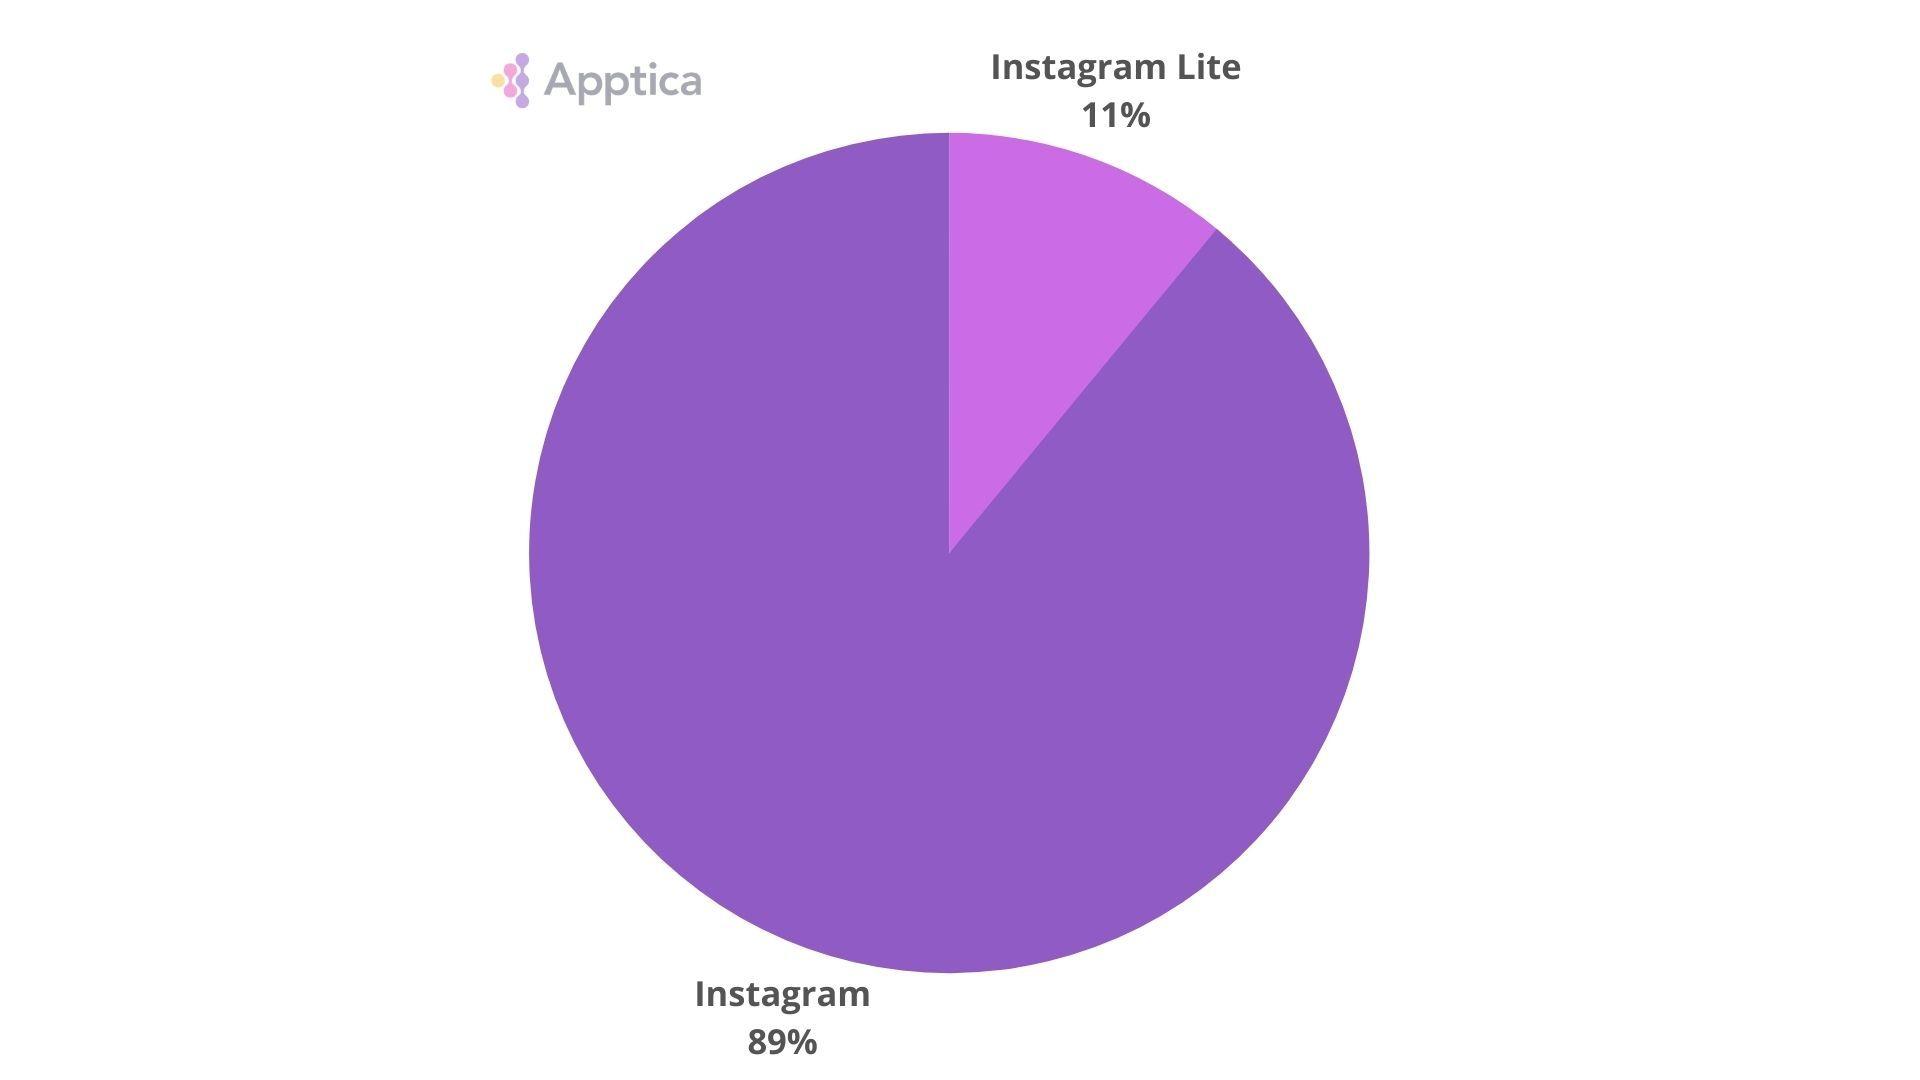 Ratio of downloads of Instagram to Instagram Lite